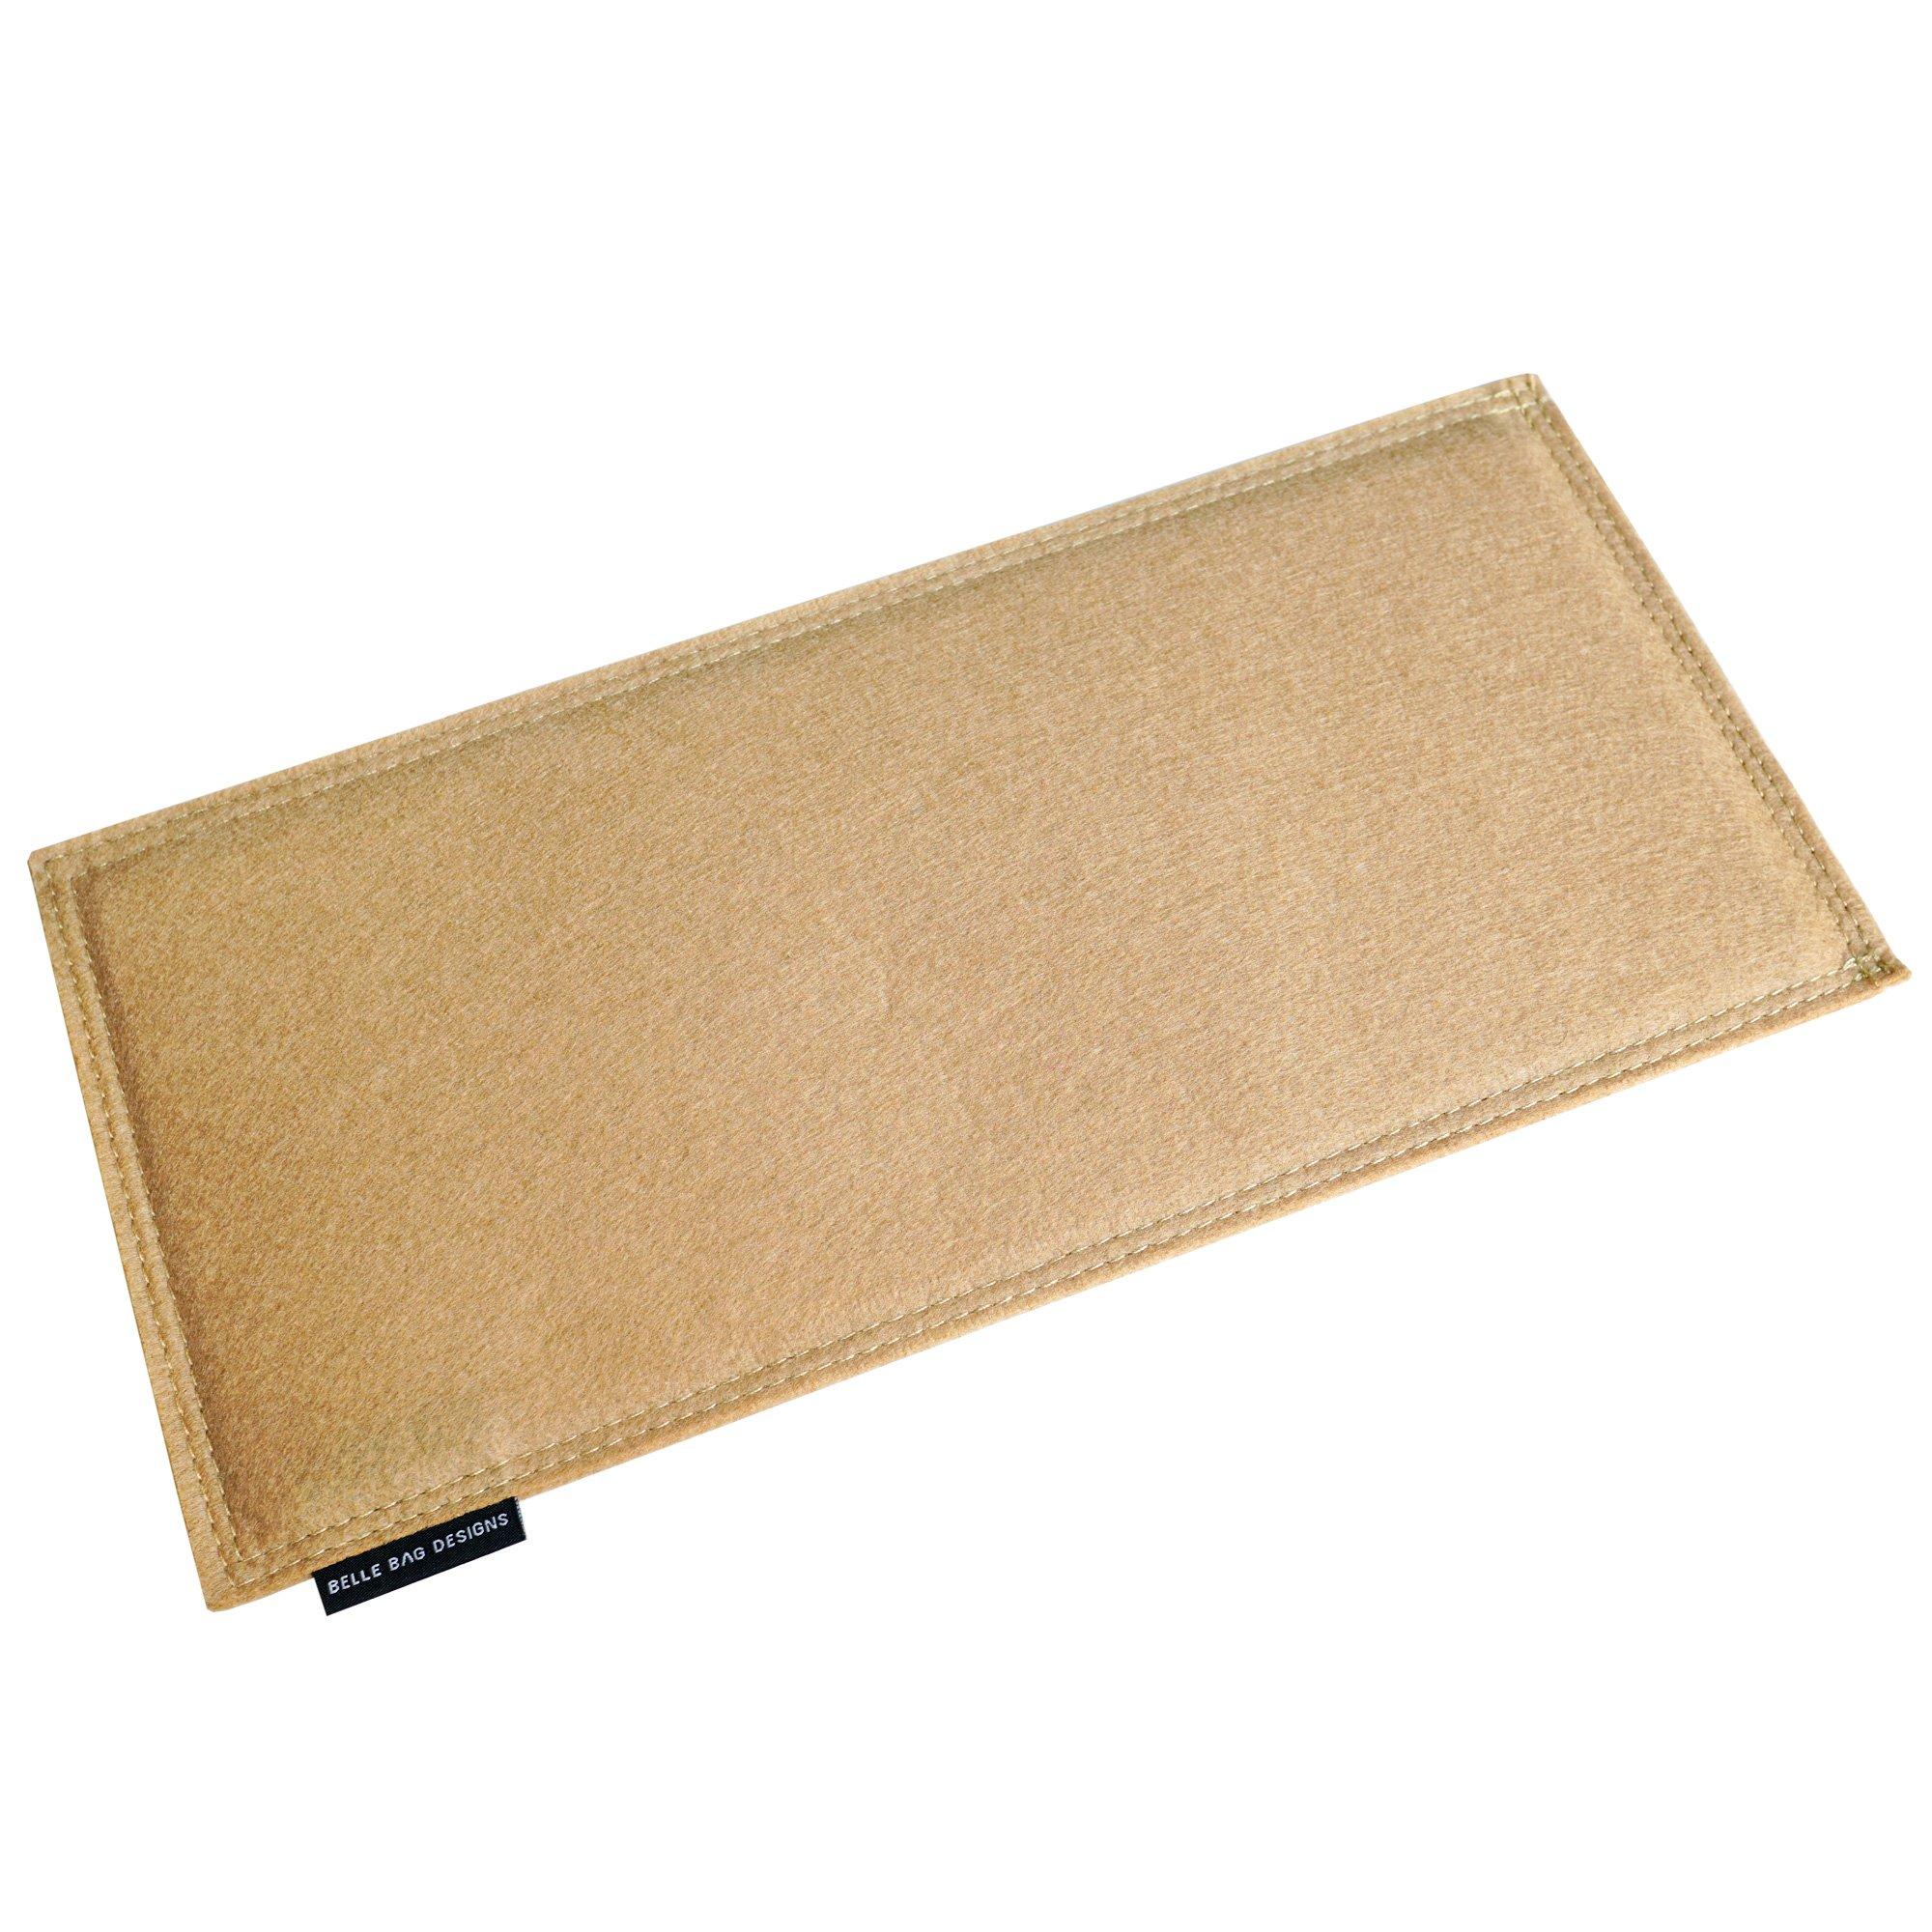 Beige Felt Bag Base Shaper for LV Neverfull MM